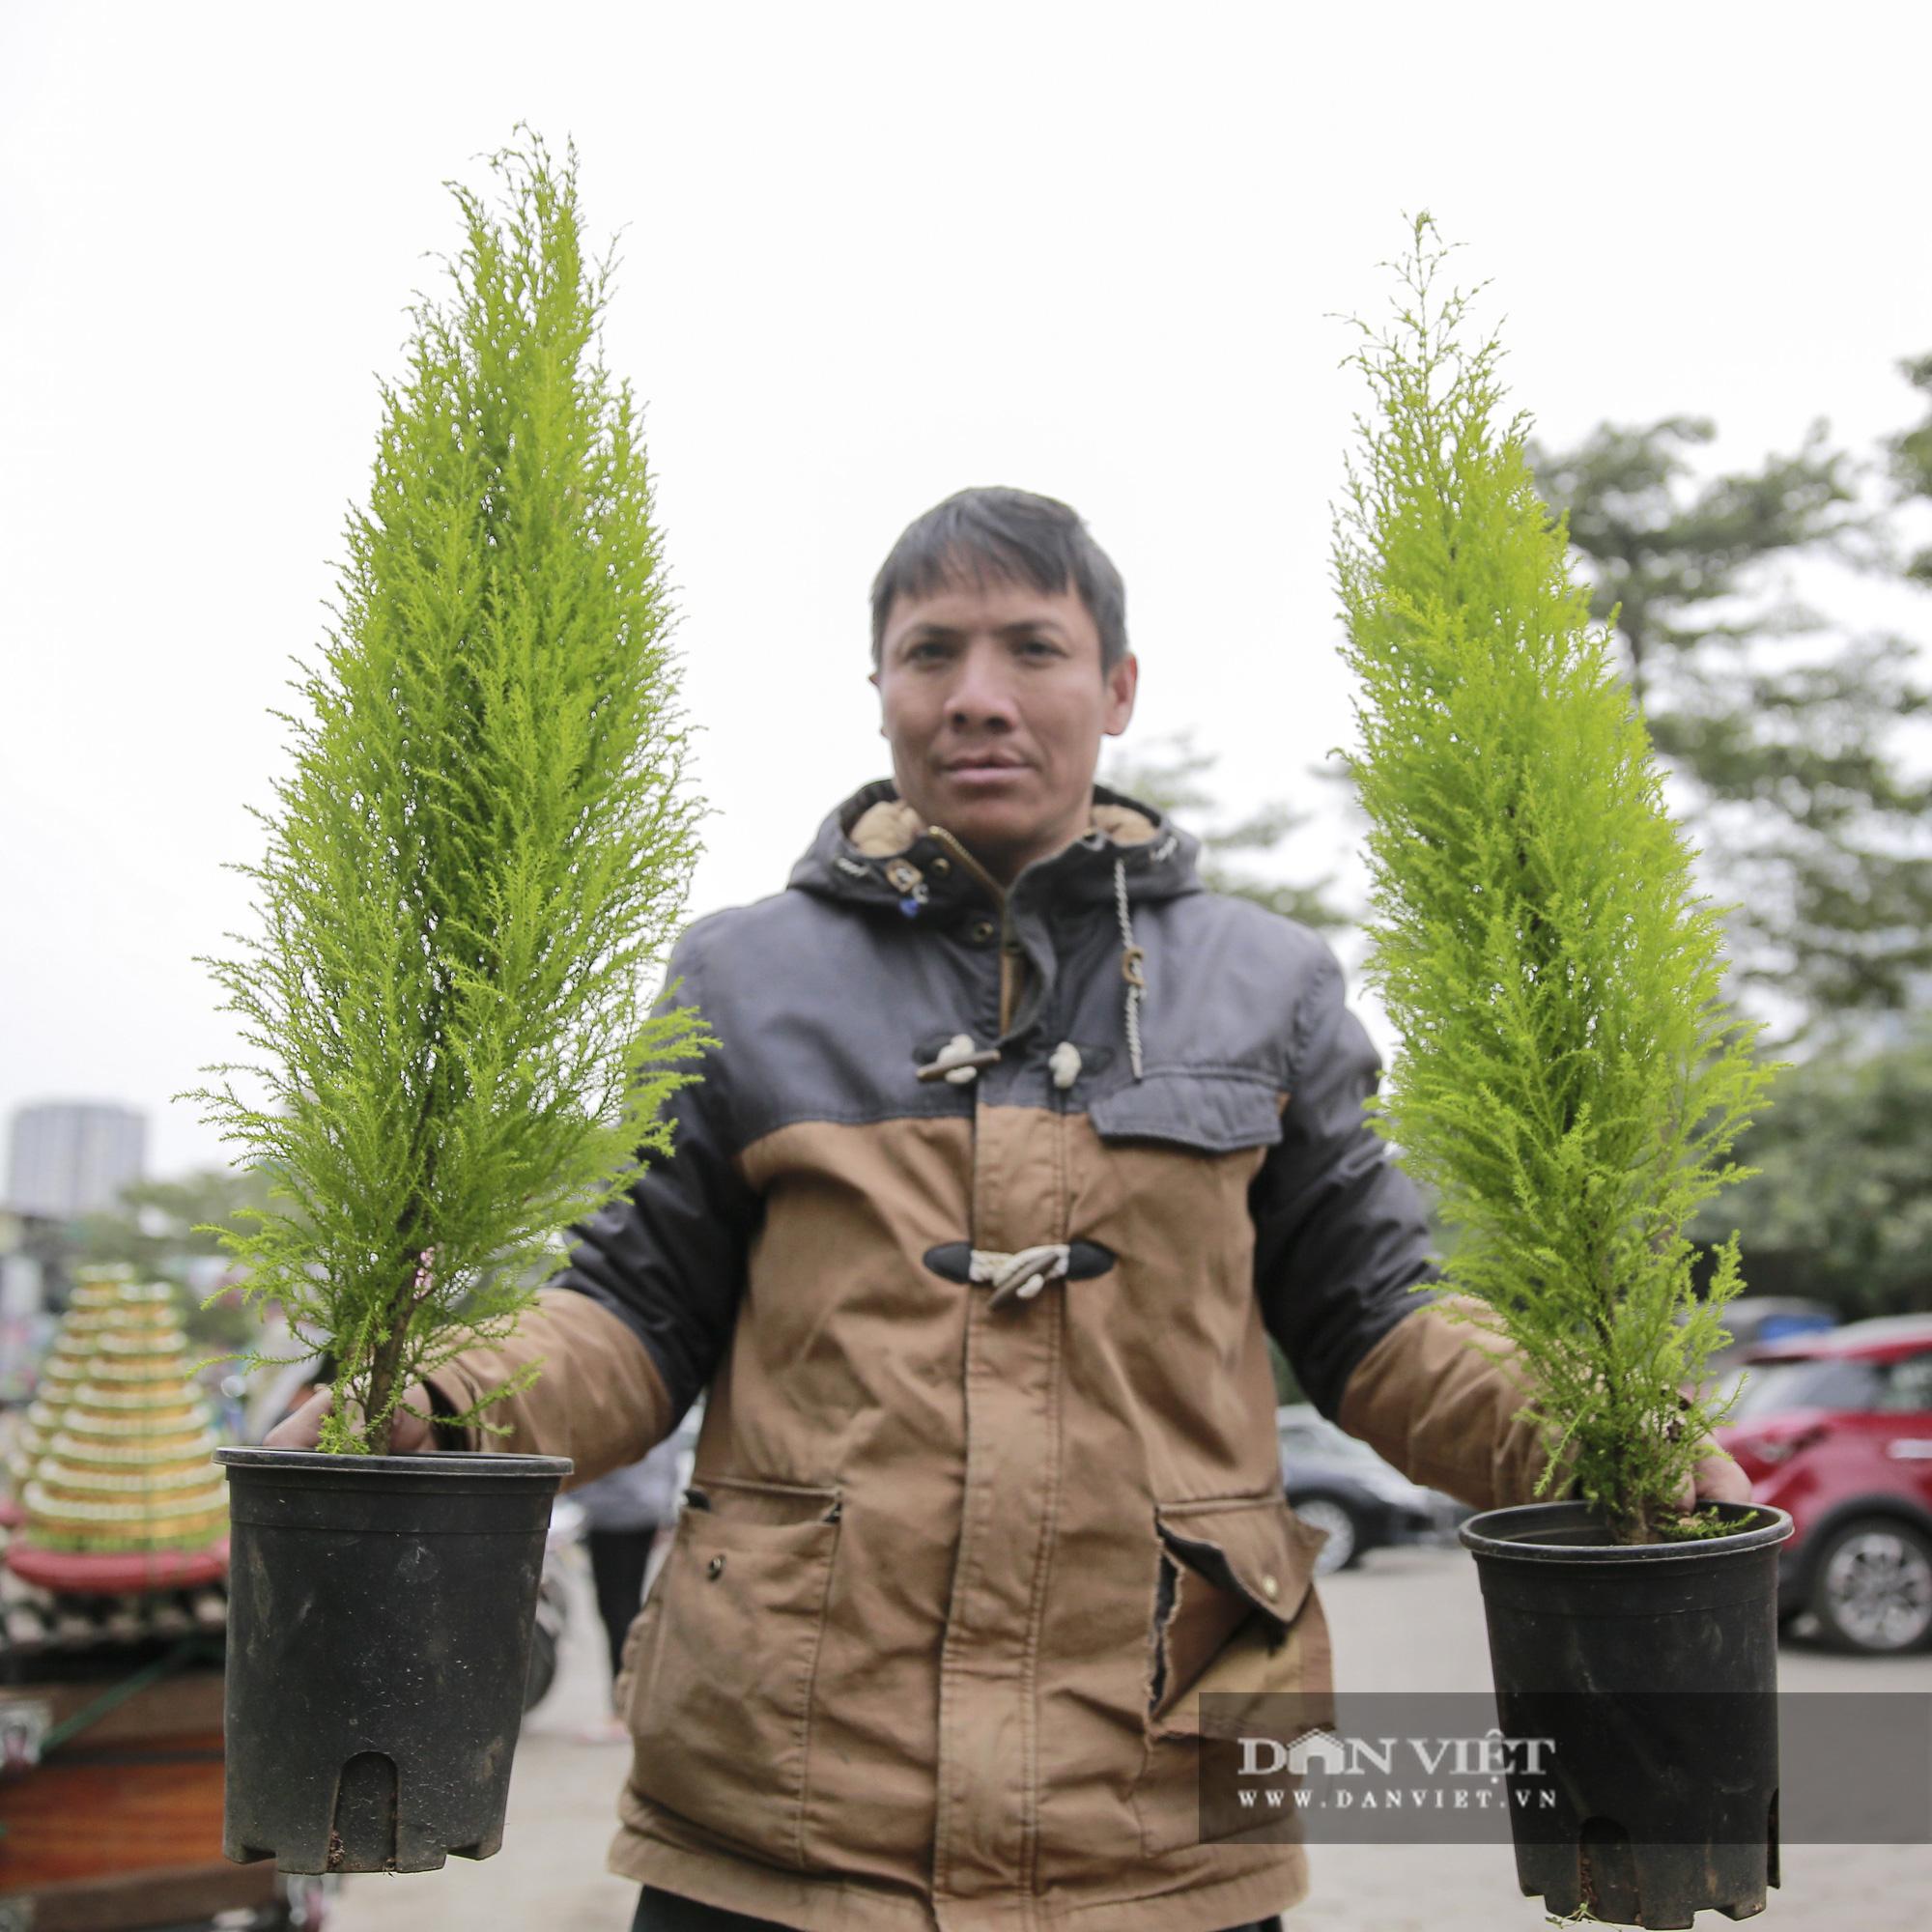 """Giá chỉ từ 100.000 đồng, """"bản sao"""" của cây thông thật đắt khách dịp Giáng sinh 2020 - Ảnh 5."""